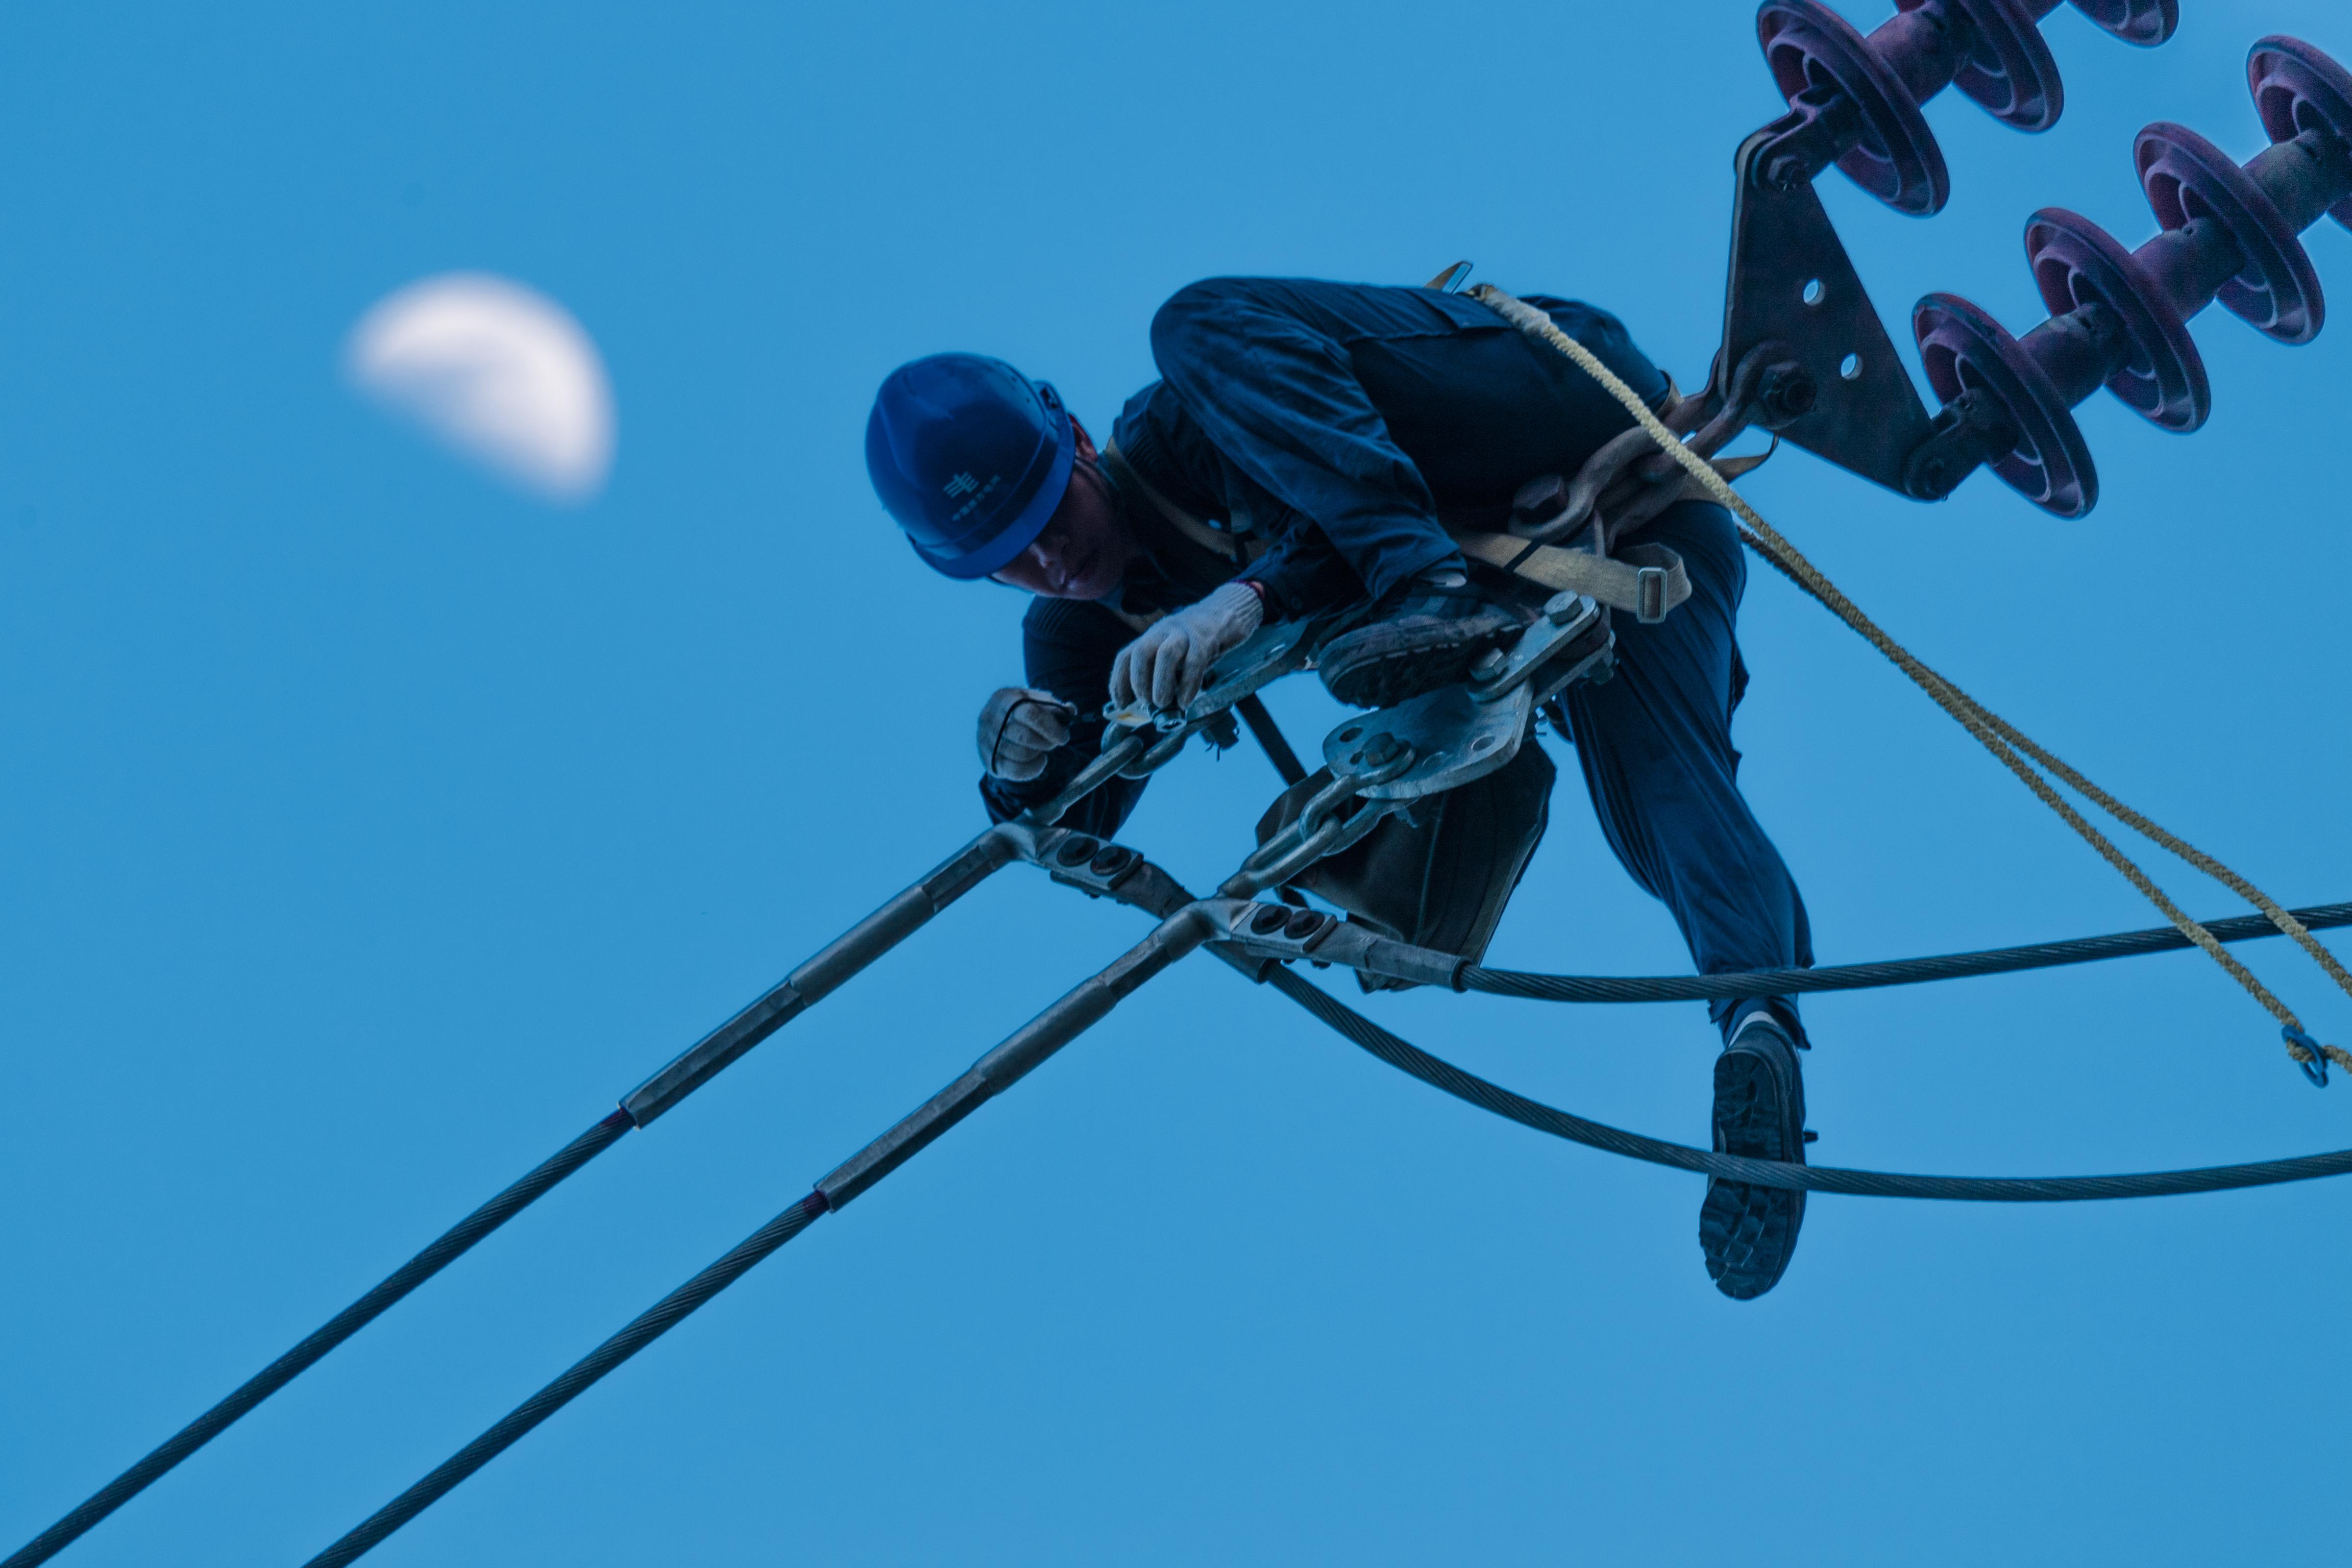 图为南方电网广东珠海供电局输电线路人员在高空抢修一处220千伏线路故障,通过转供电的形式,停电抢修不会对用户的正常用电造成影响。朱甸 摄